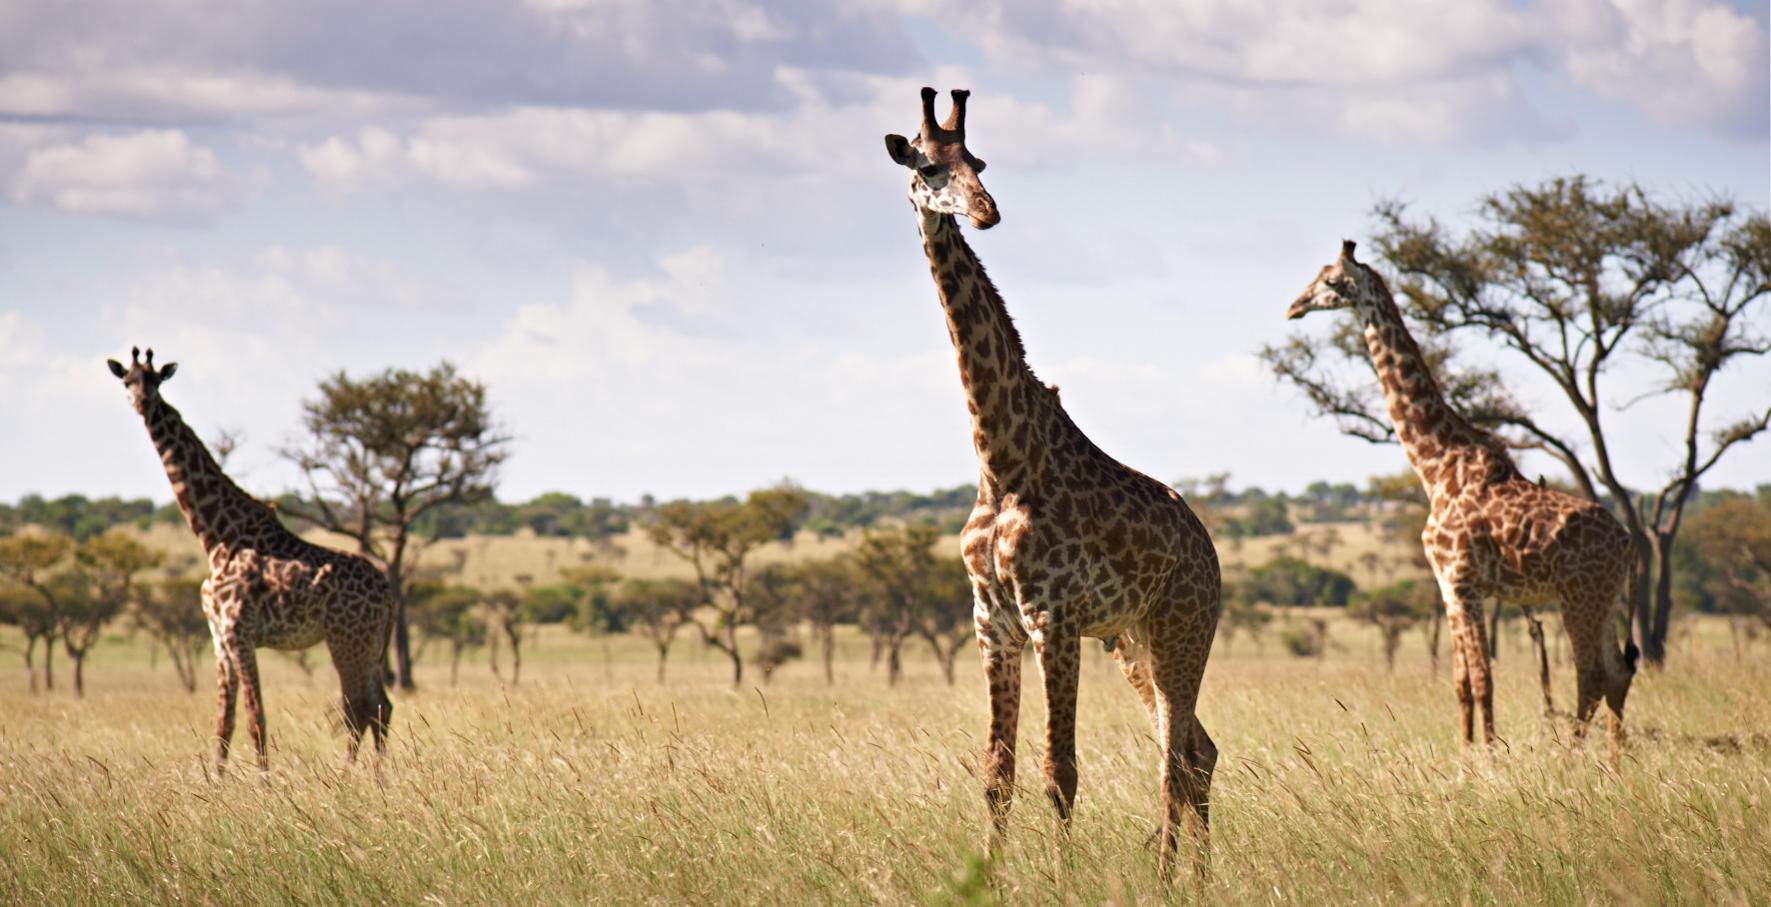 Tanzania-Singita-Serengeti-House-Wildlife-Giraffe